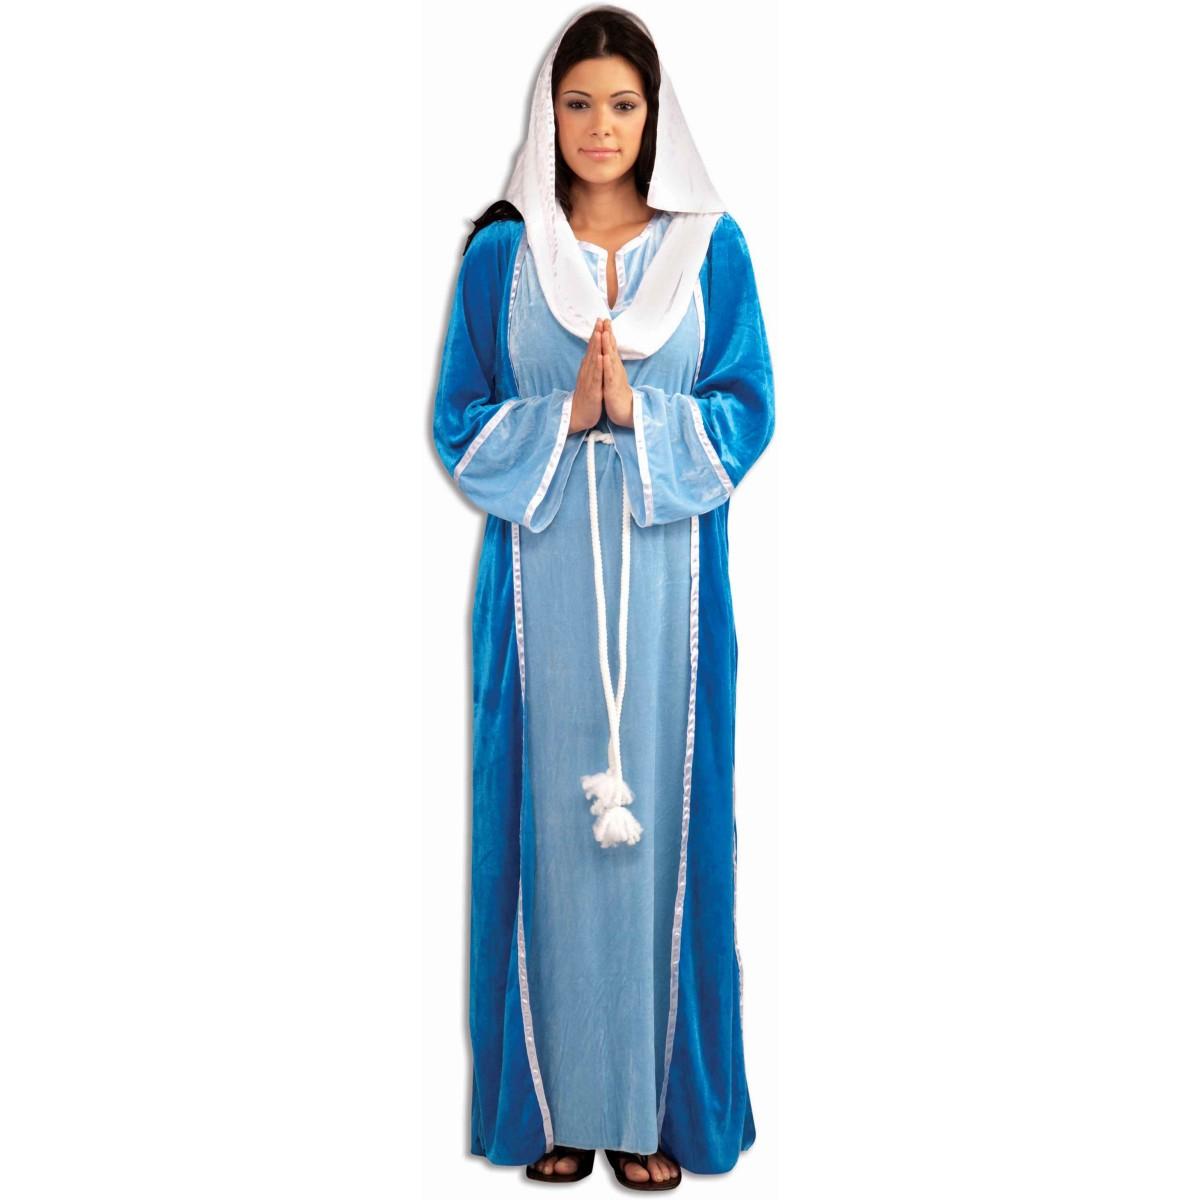 プレゼント 聖母 マリア コスプレ 衣装 聖書 大人用 コスチューム